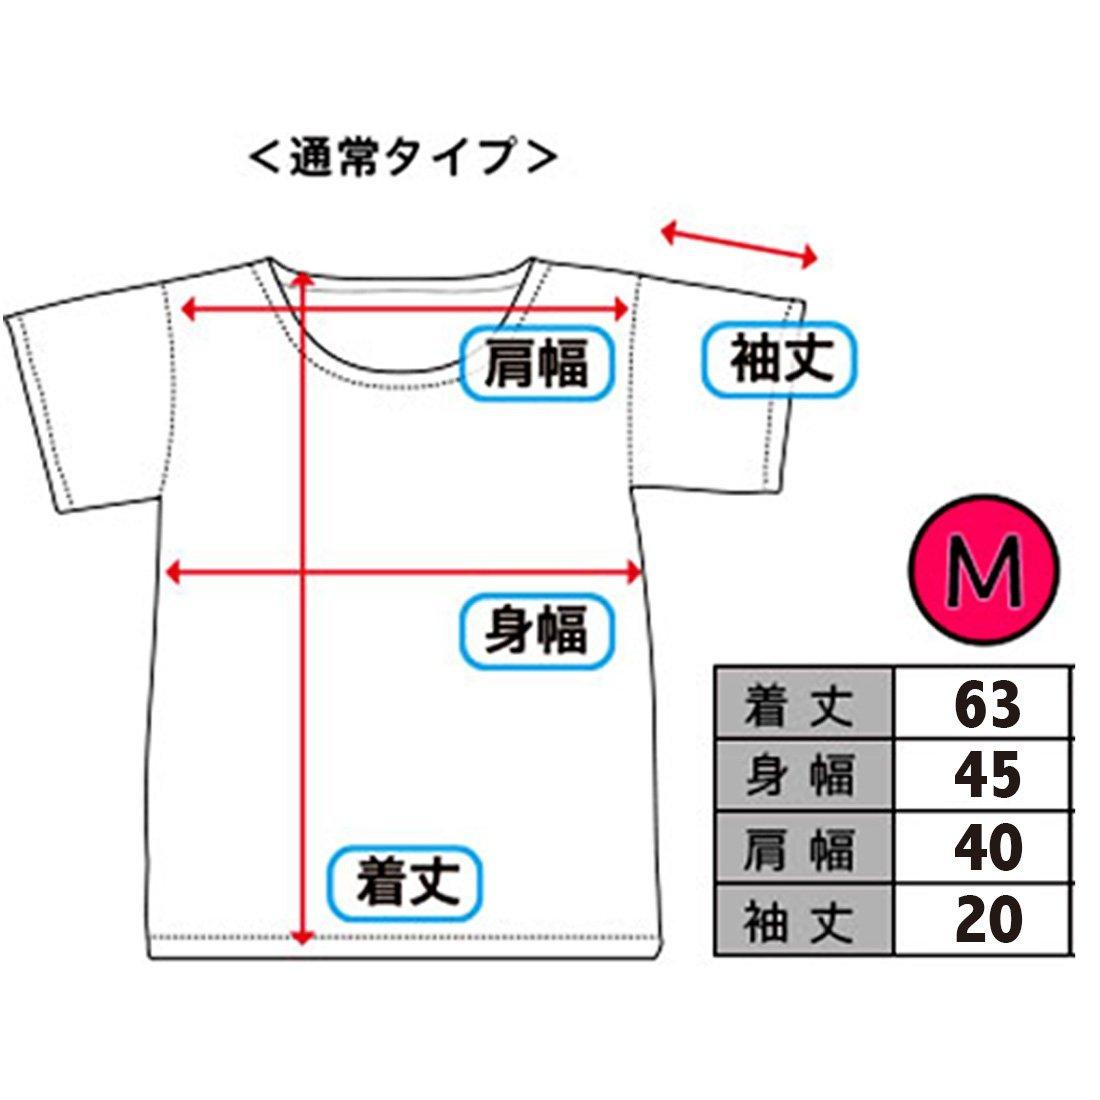 【入荷済】「 MARVEL 」 半袖Tシャツ レッドボックス ブラック